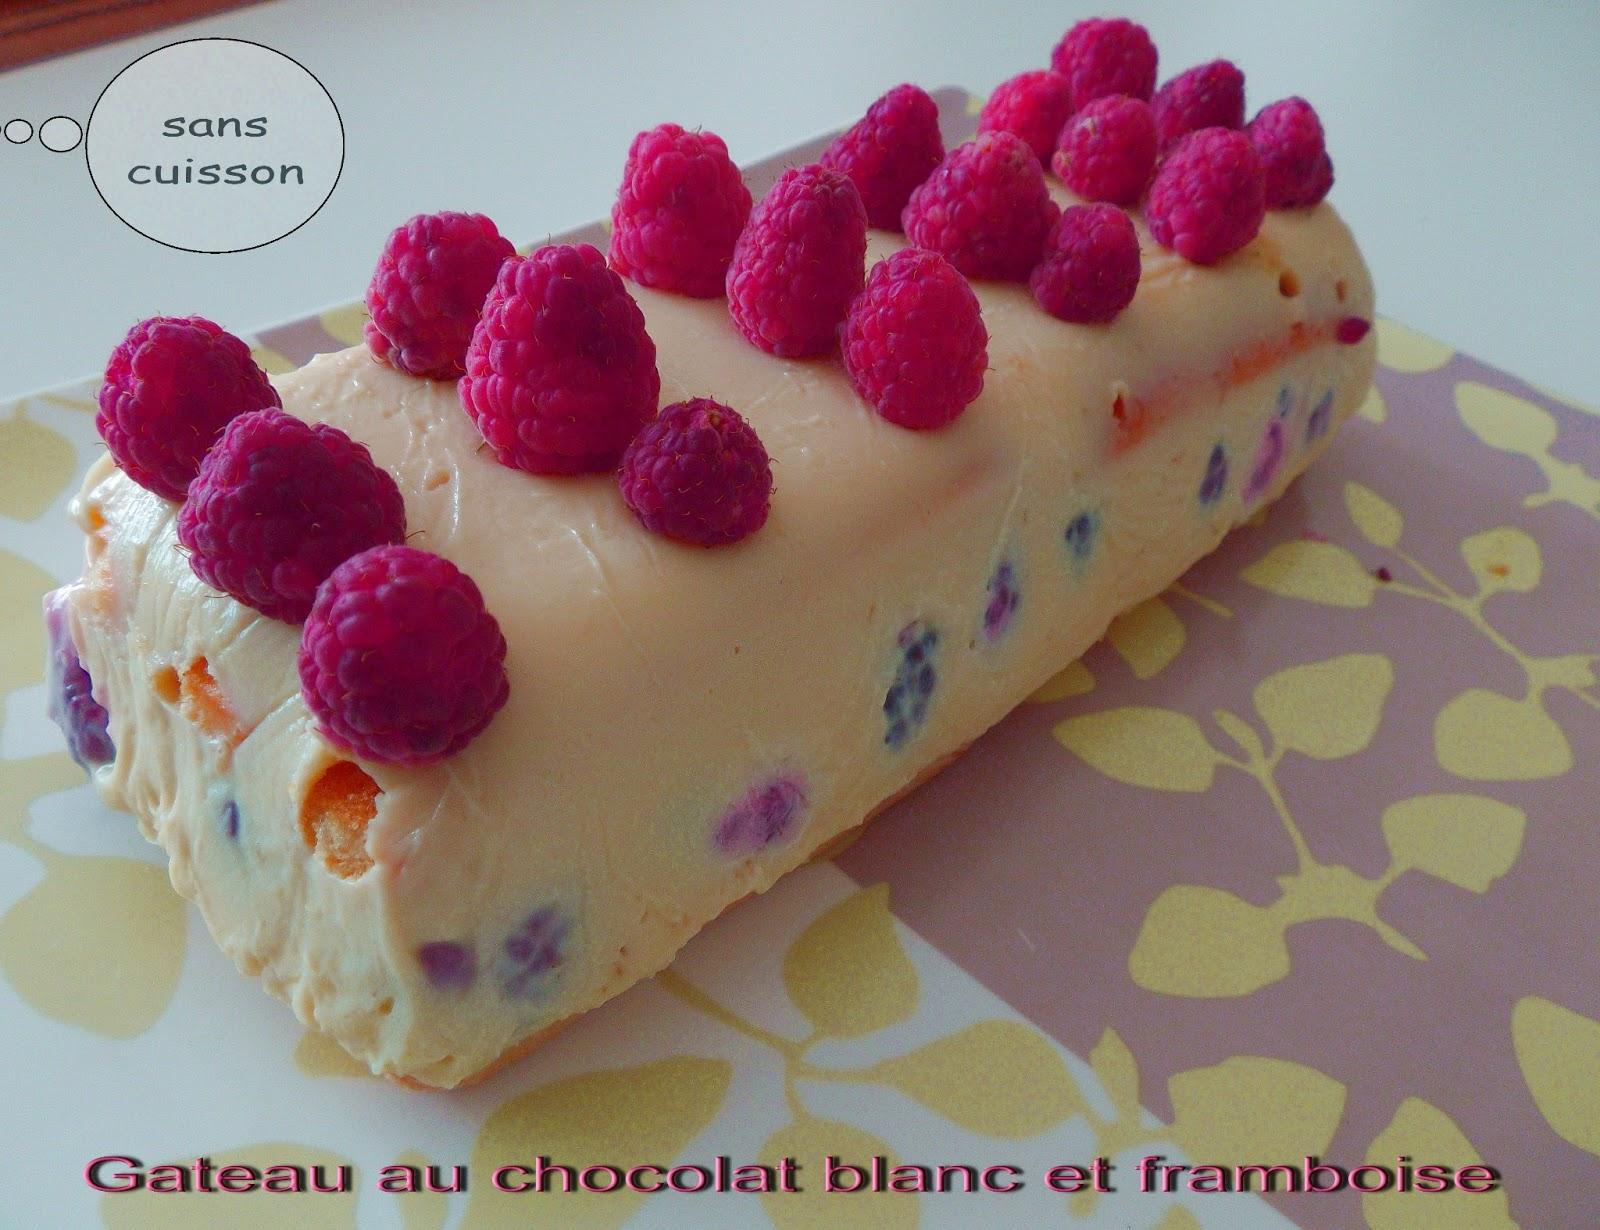 Gateau gaga love cakes gateau au chocolat blanc et aux framboises sans cuisson - Gateau au chocolat sans four ...